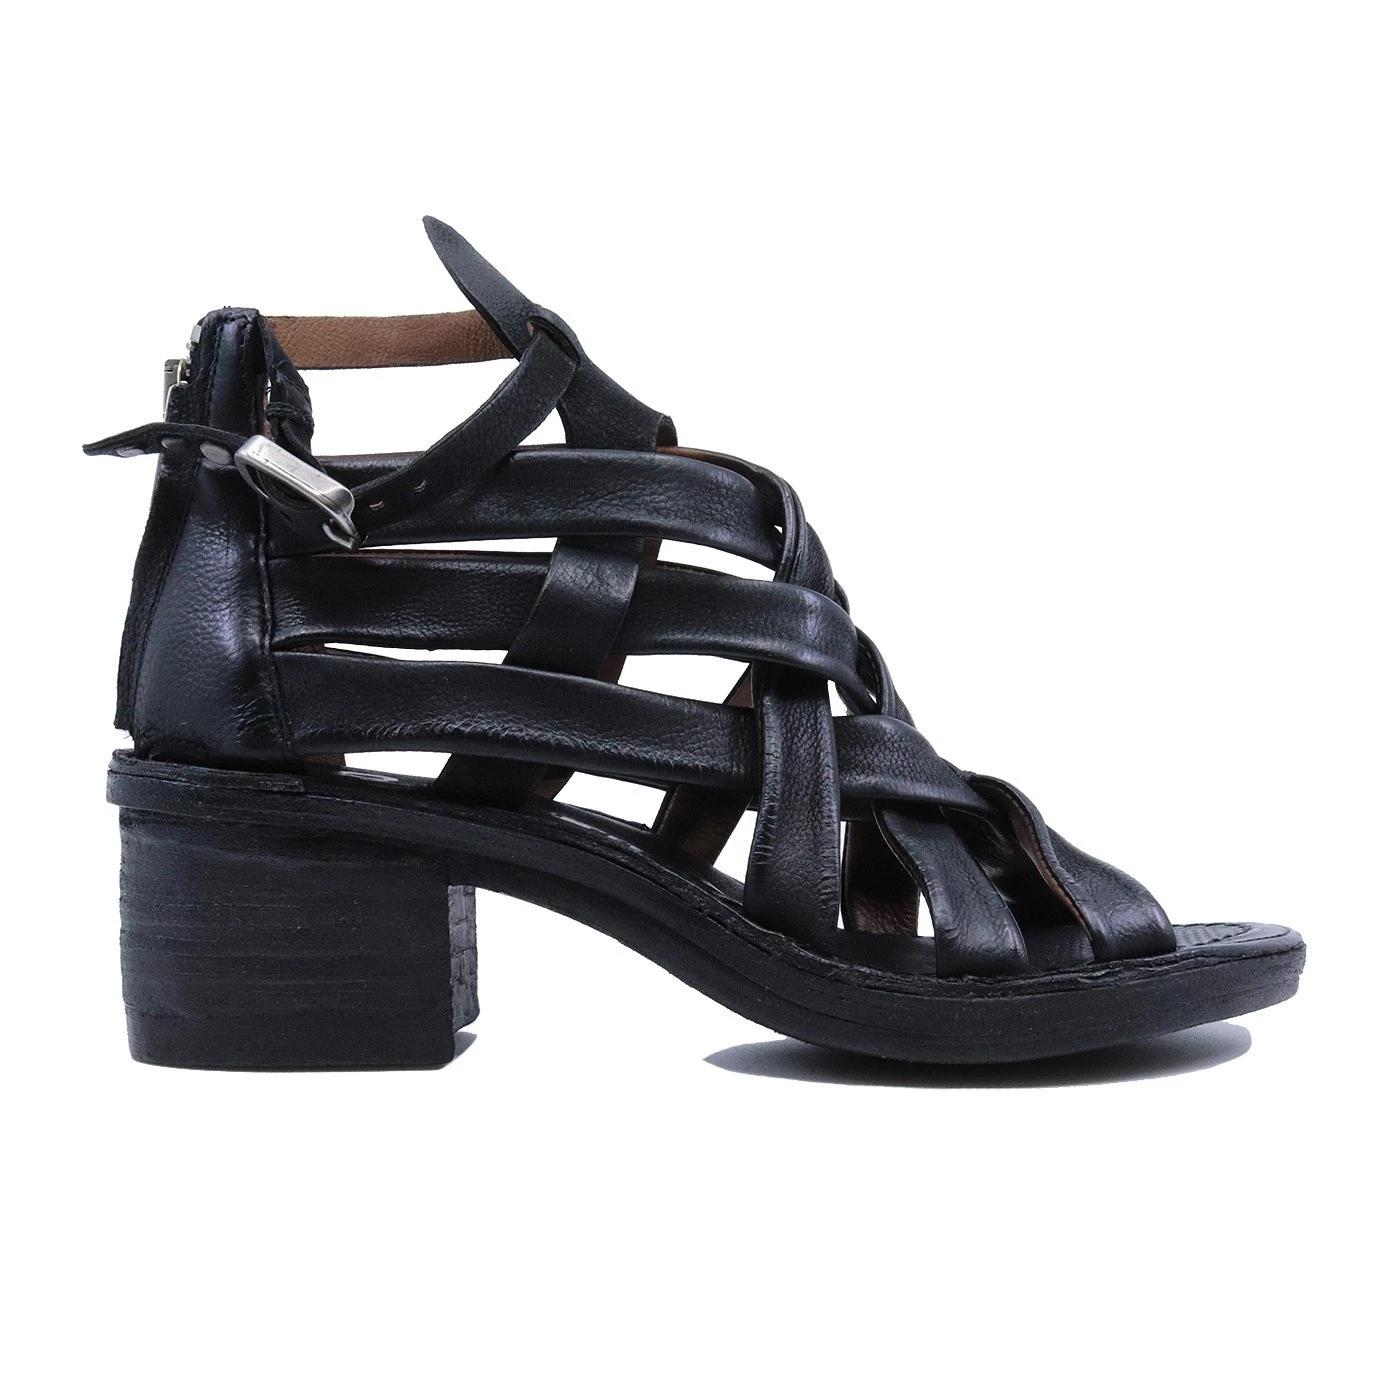 A.S. 98 690033 sandalo da donna in pelle nera